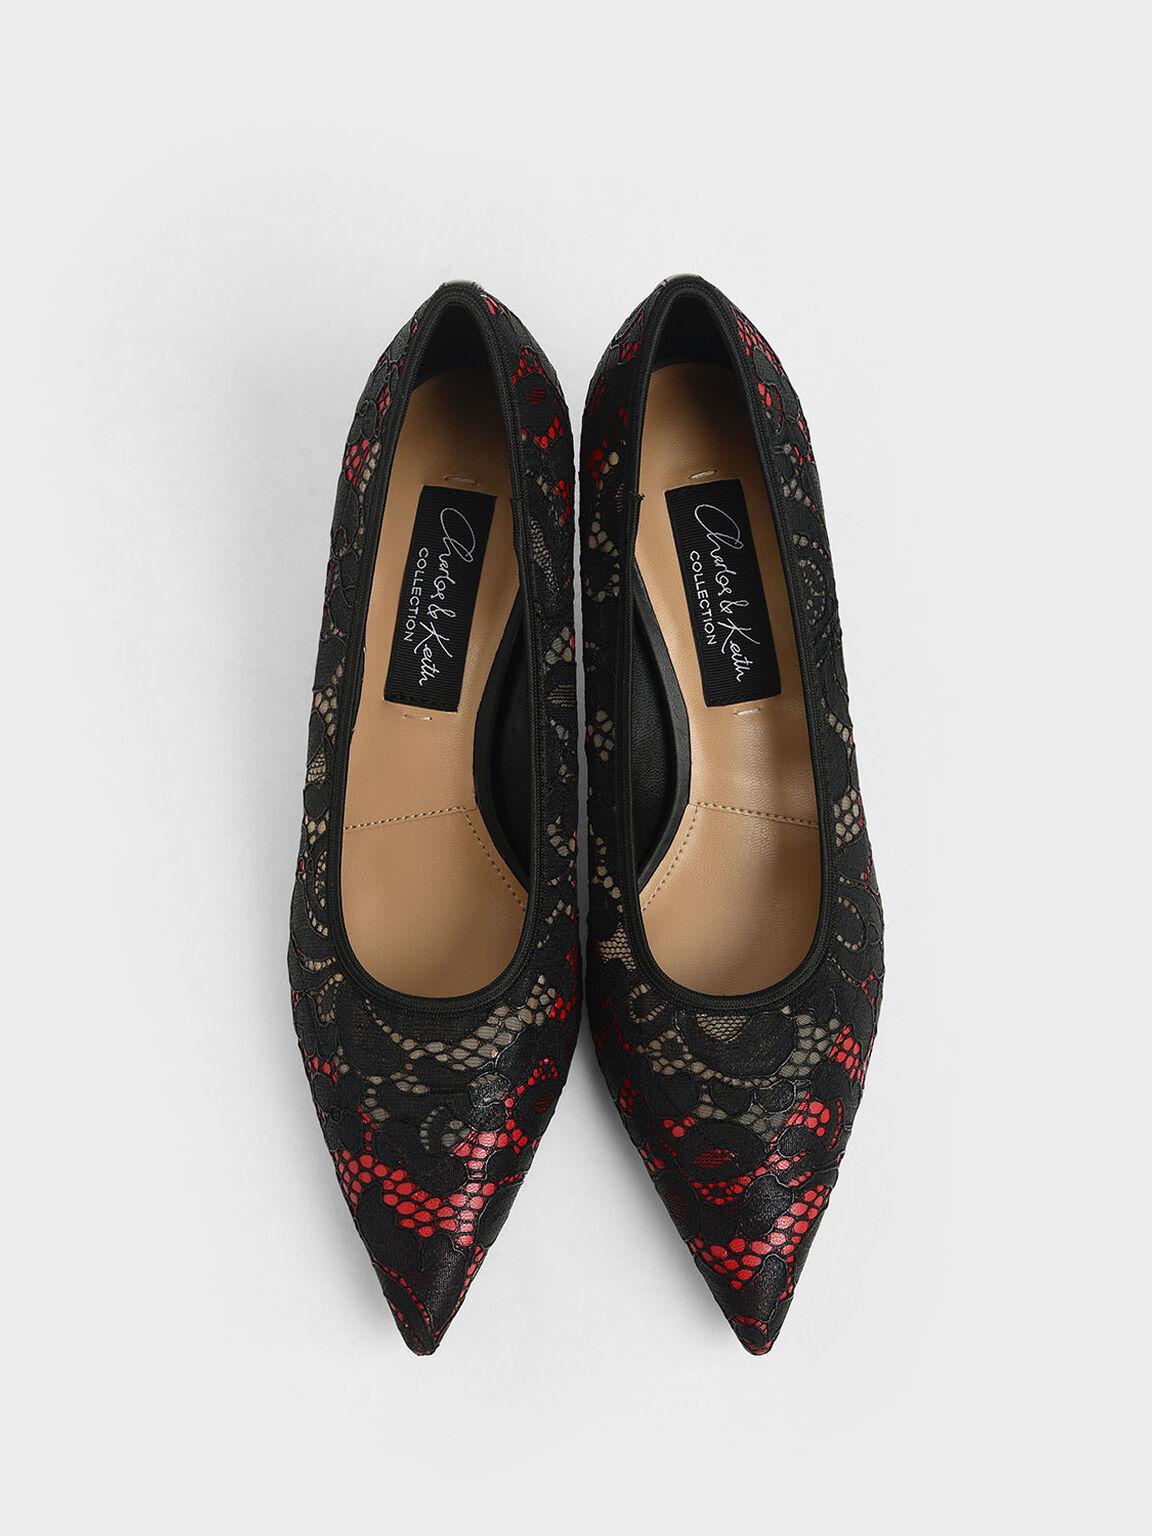 蕾絲雕花跟鞋, 紅色, hi-res